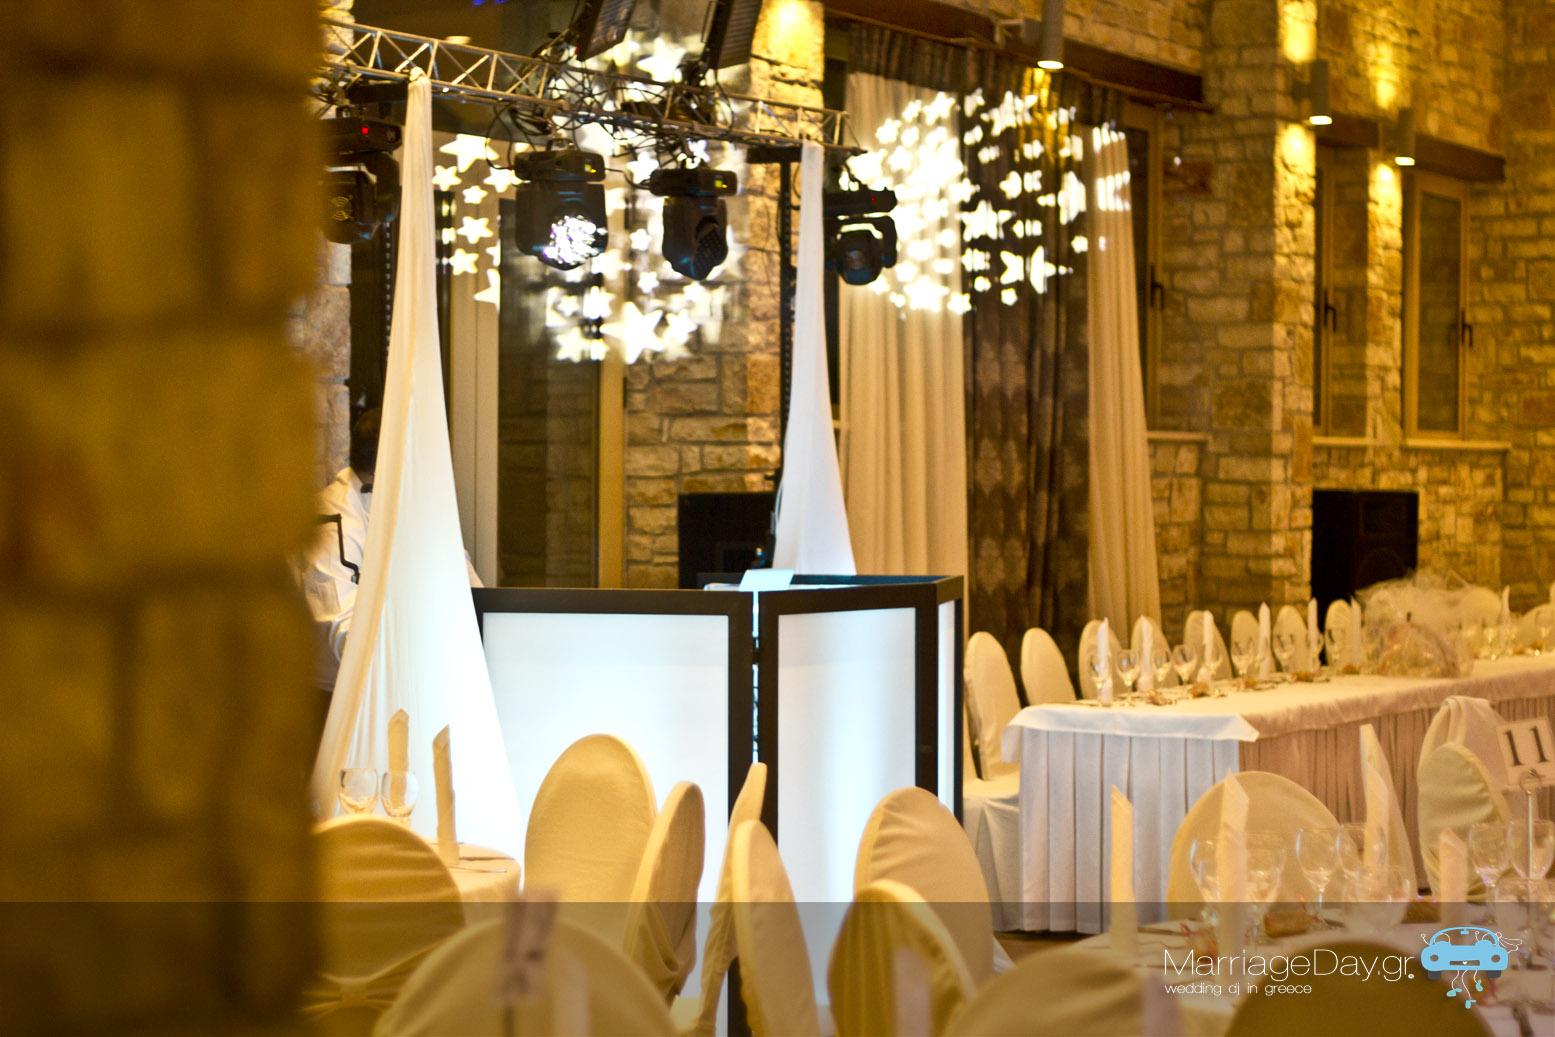 Marriageday.gr set up facade spot Athens